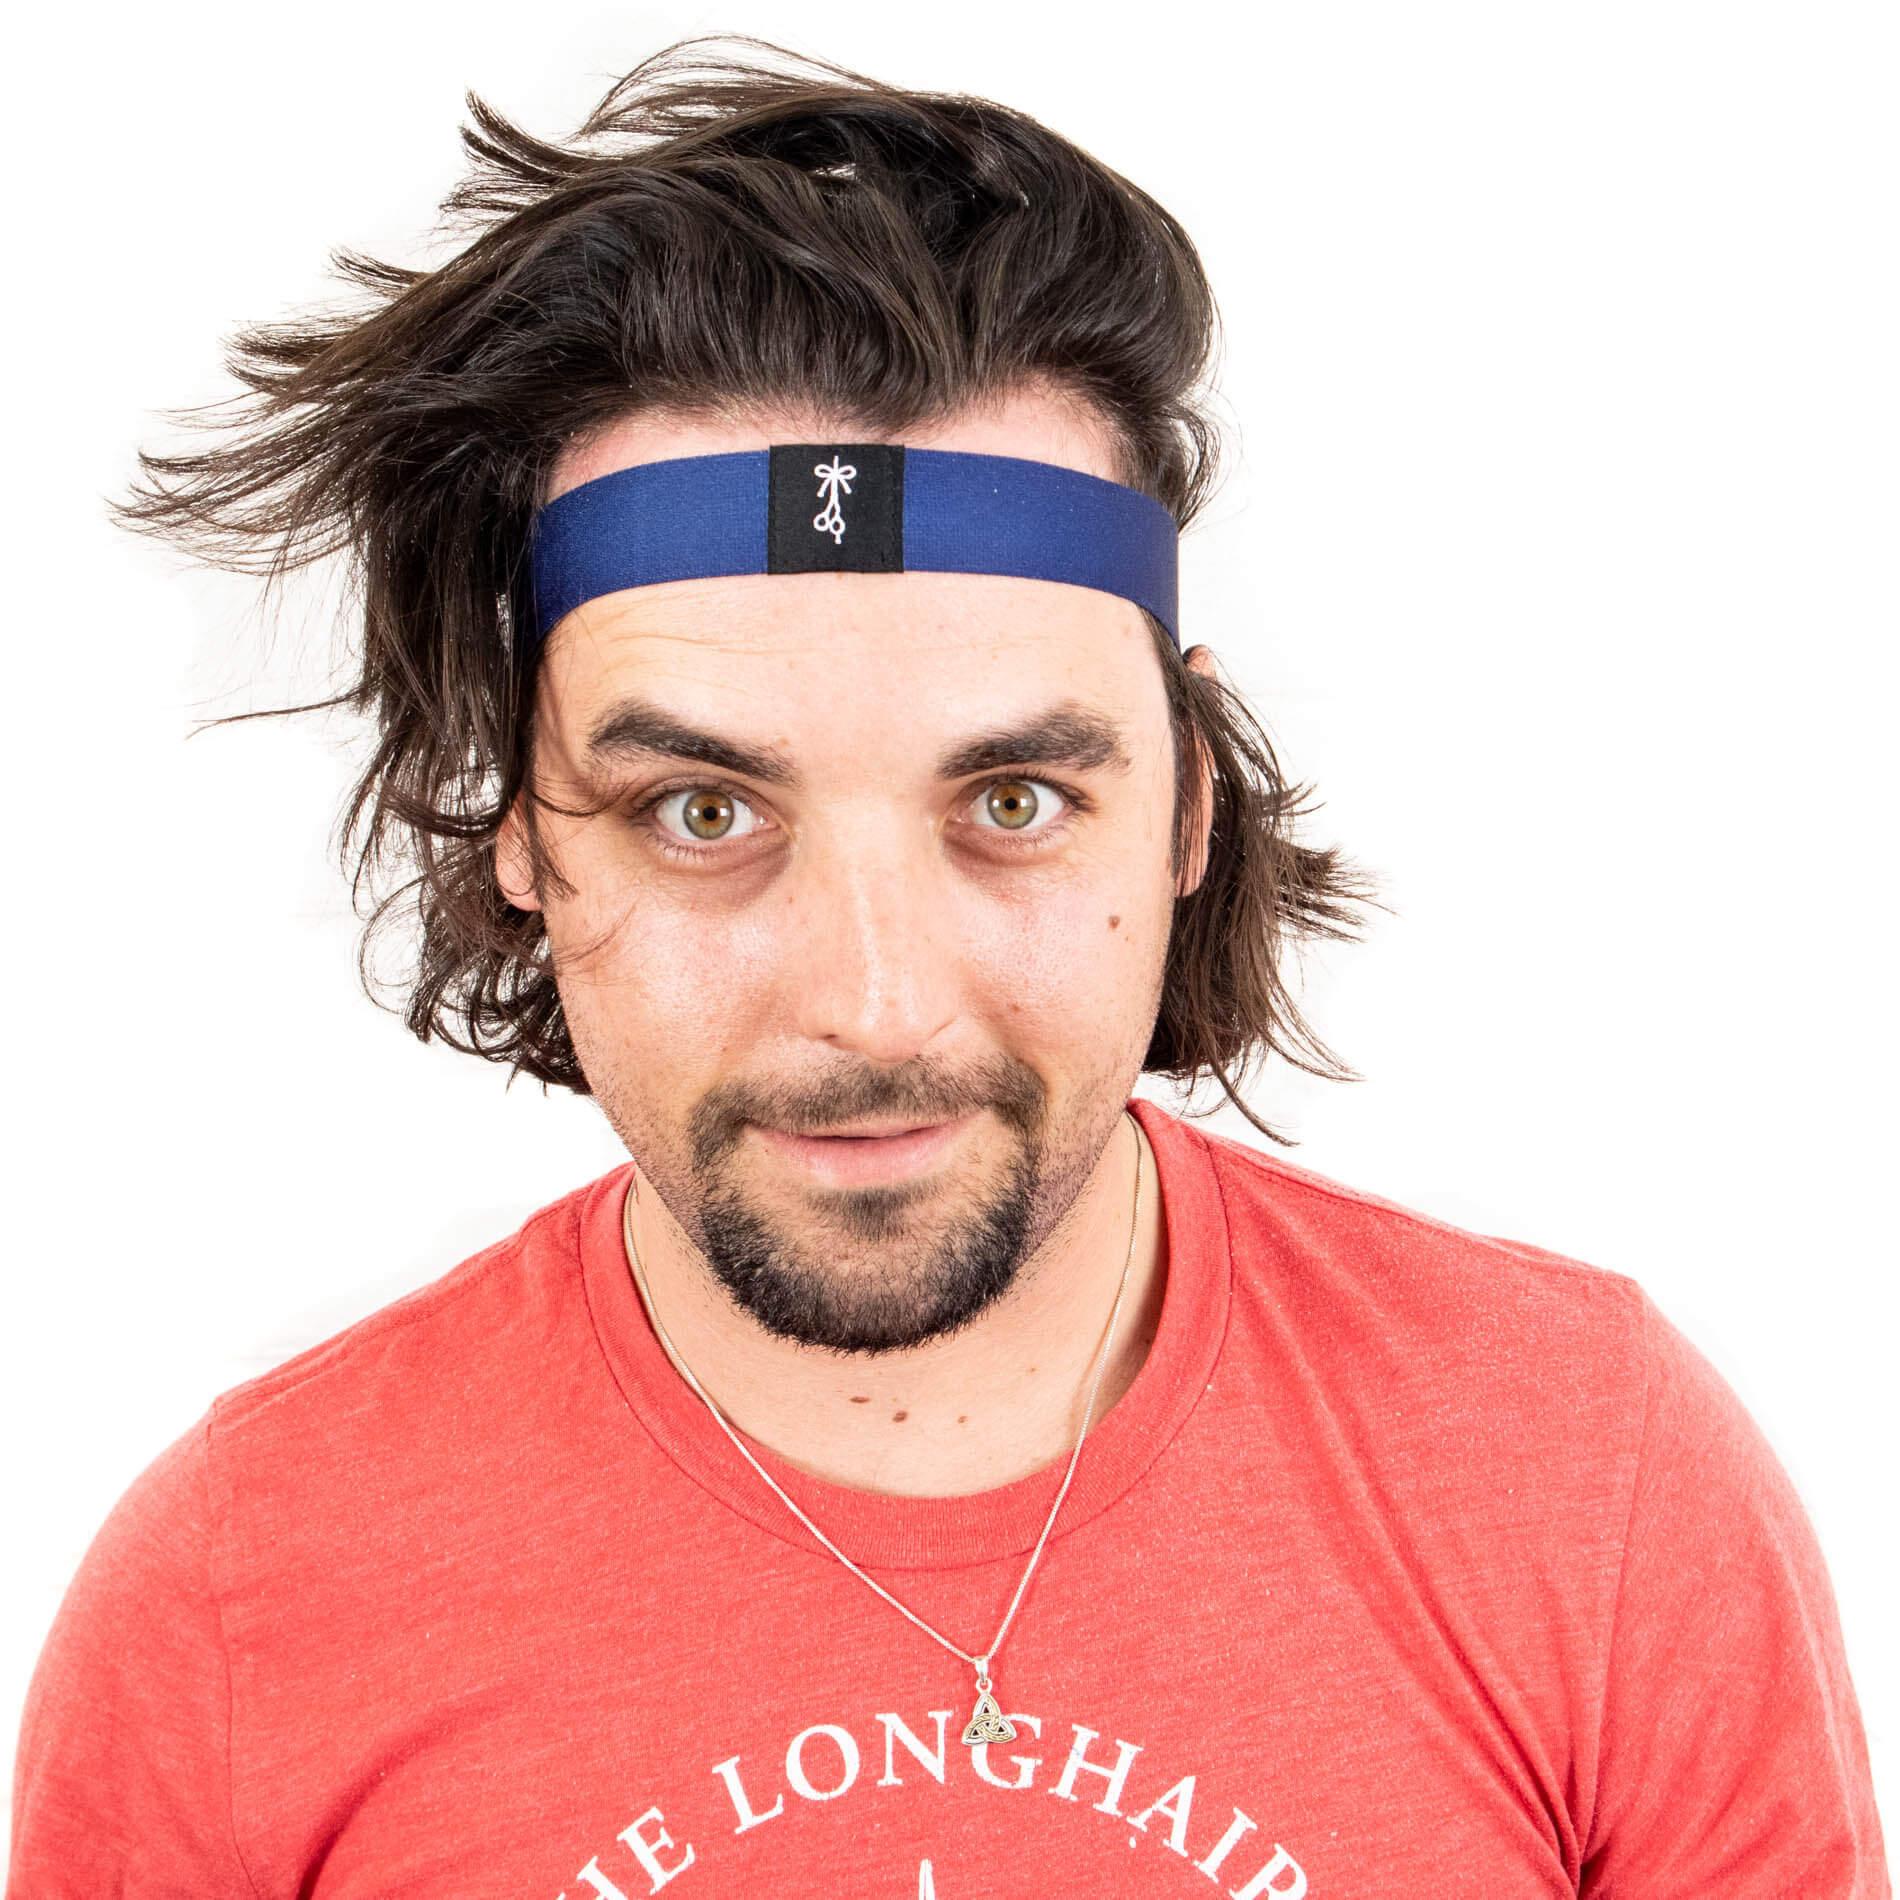 Thick headband worn on forehead like a sweatband.